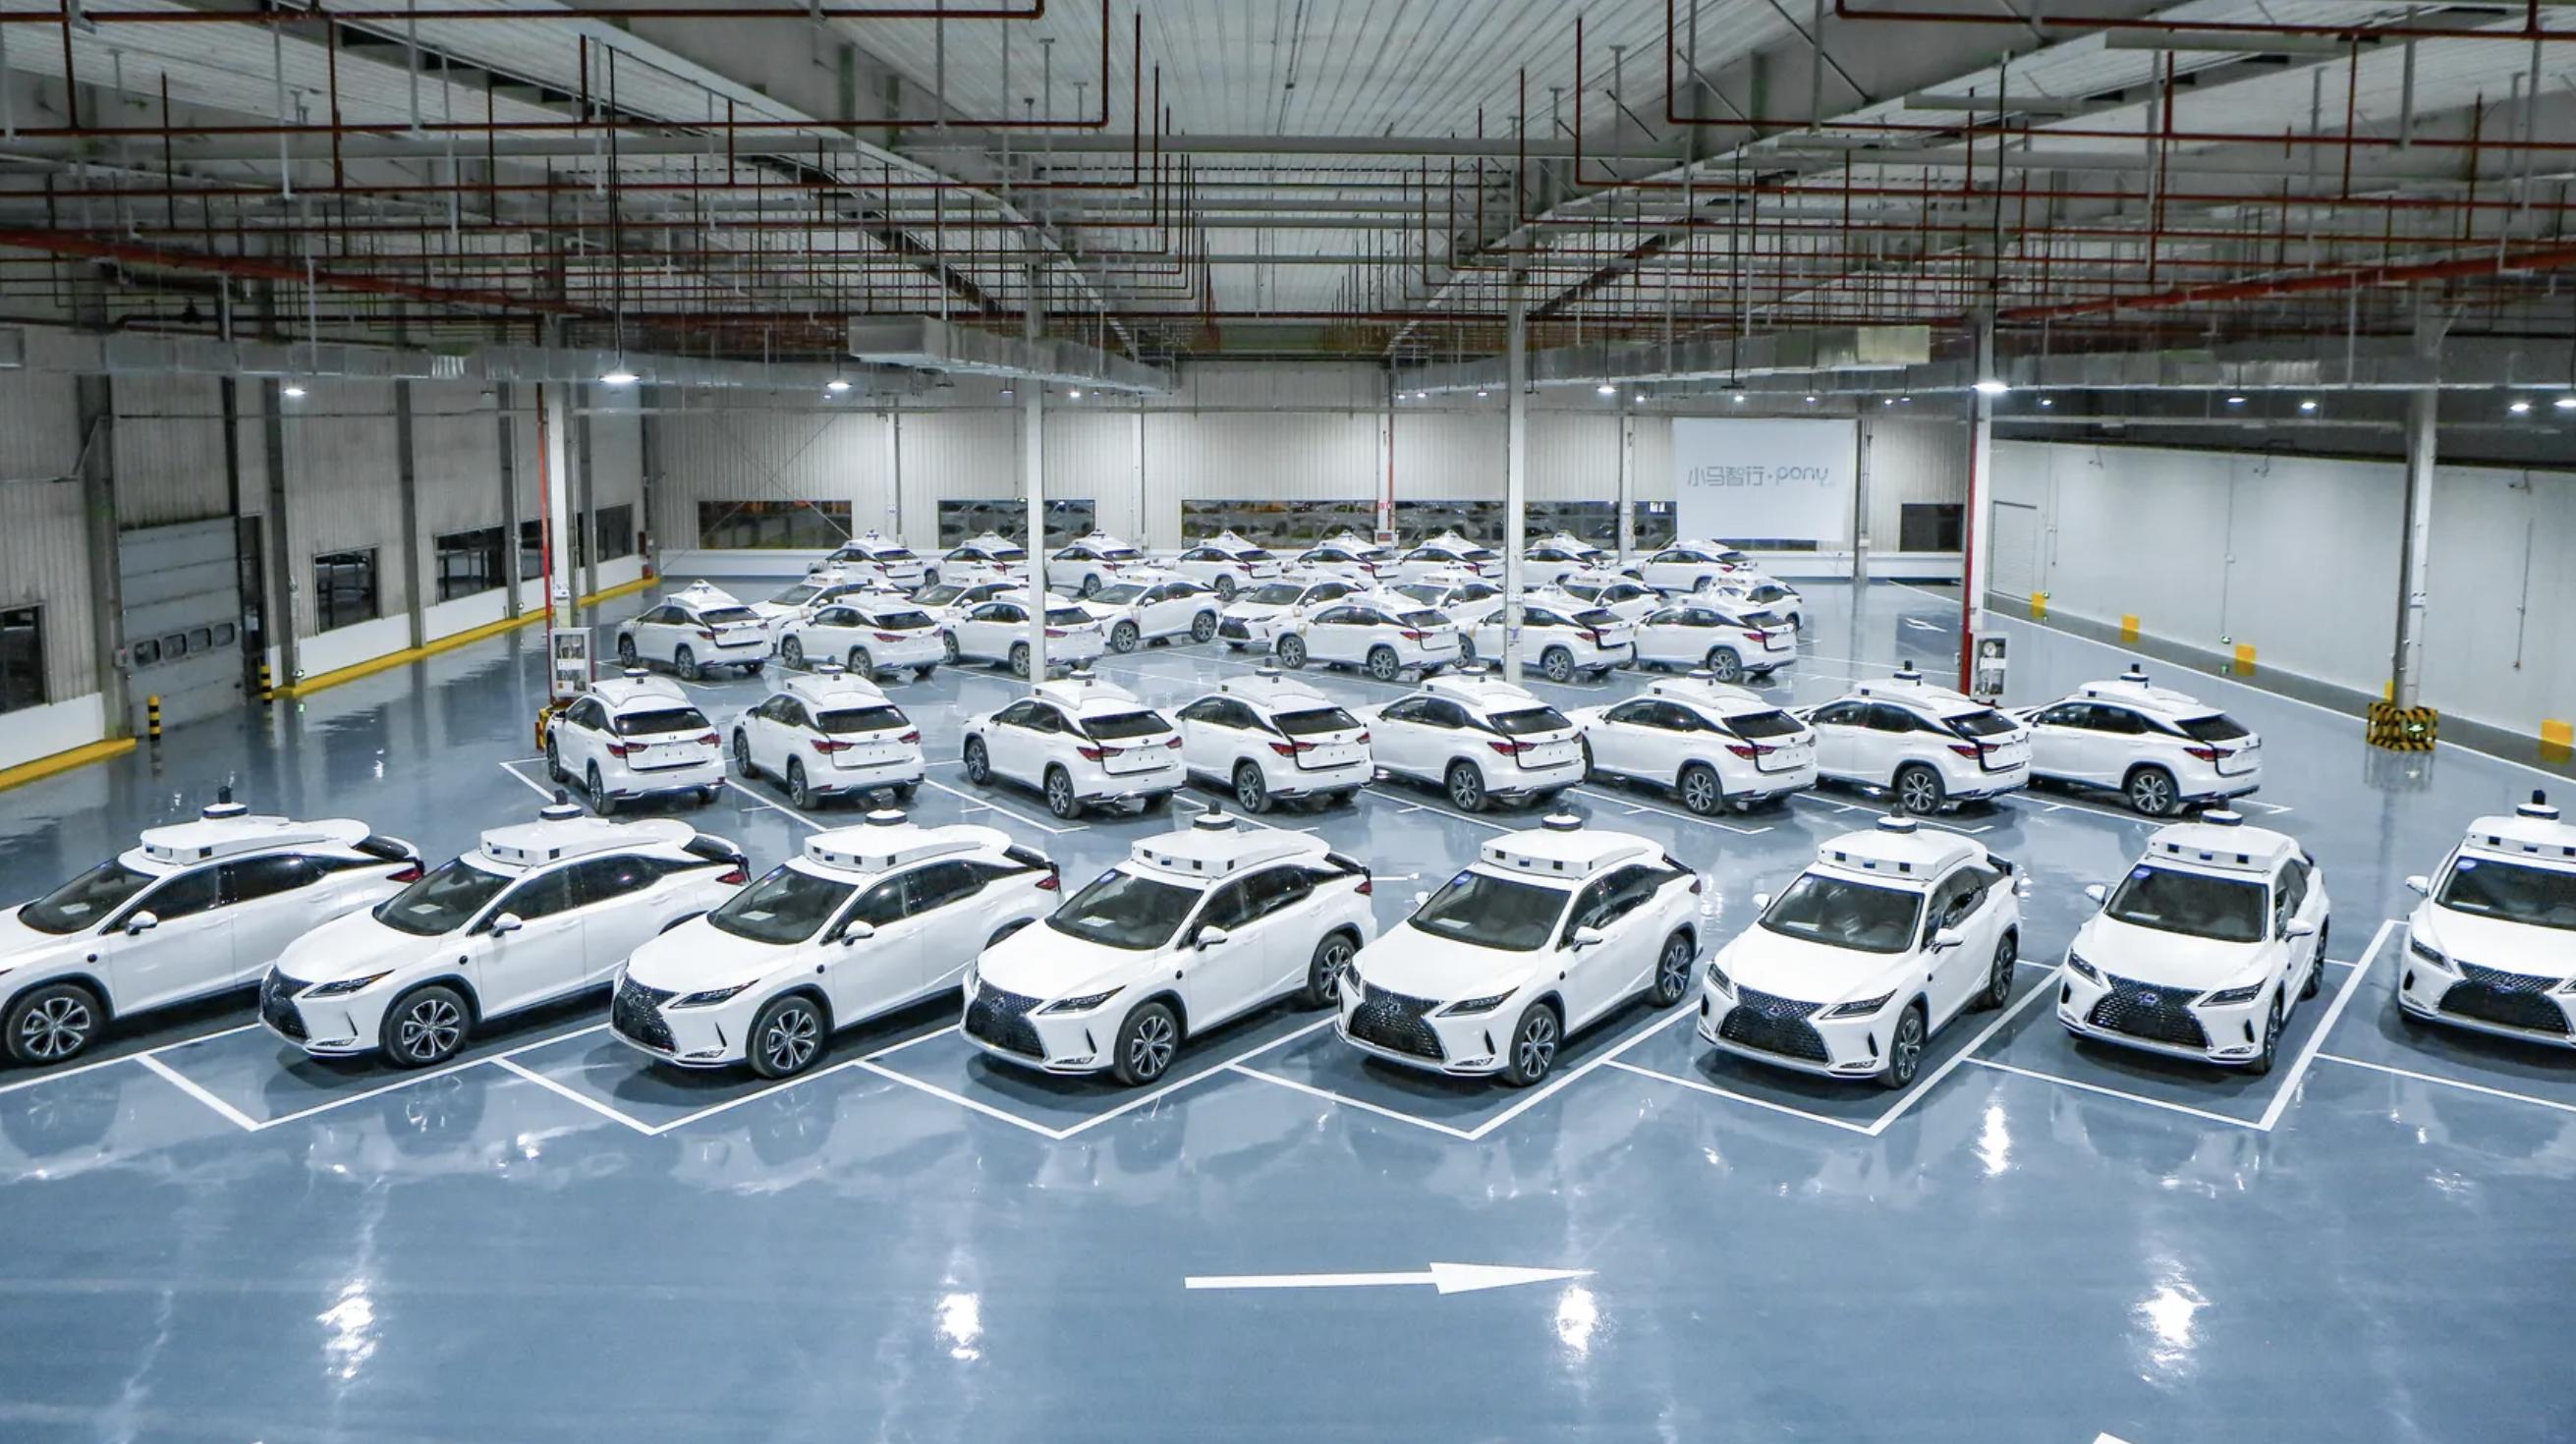 Obrazek przedstawia halę wypełnioną samochodami autonomicznymi typu robotaxi od firmy Pony.ai.